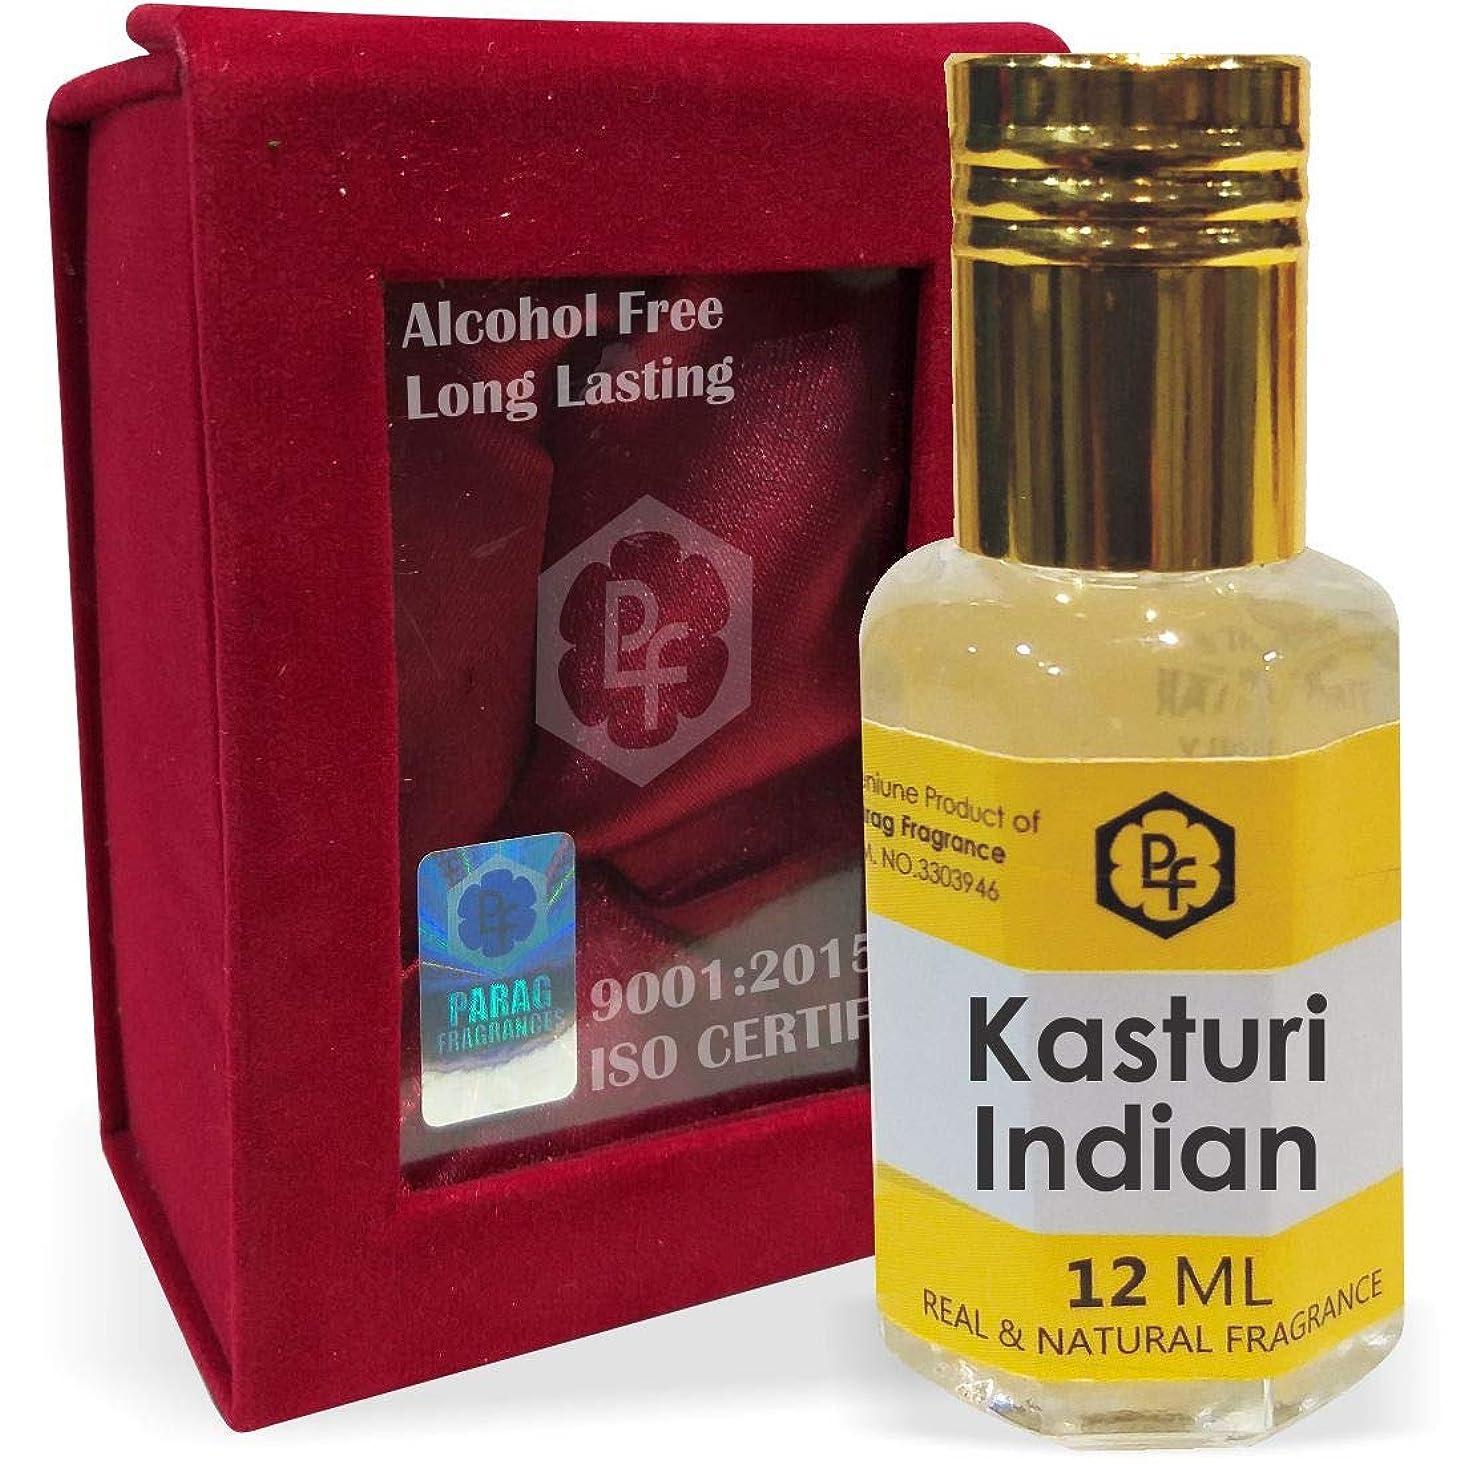 ありがたい混合した構築する手作りのベルベットボックスParagフレグランスカストリインドの12ミリリットルアター/香油/(インドの伝統的なBhapka処理方法により、インド製)フレグランスオイル|アターITRA最高の品質長持ち